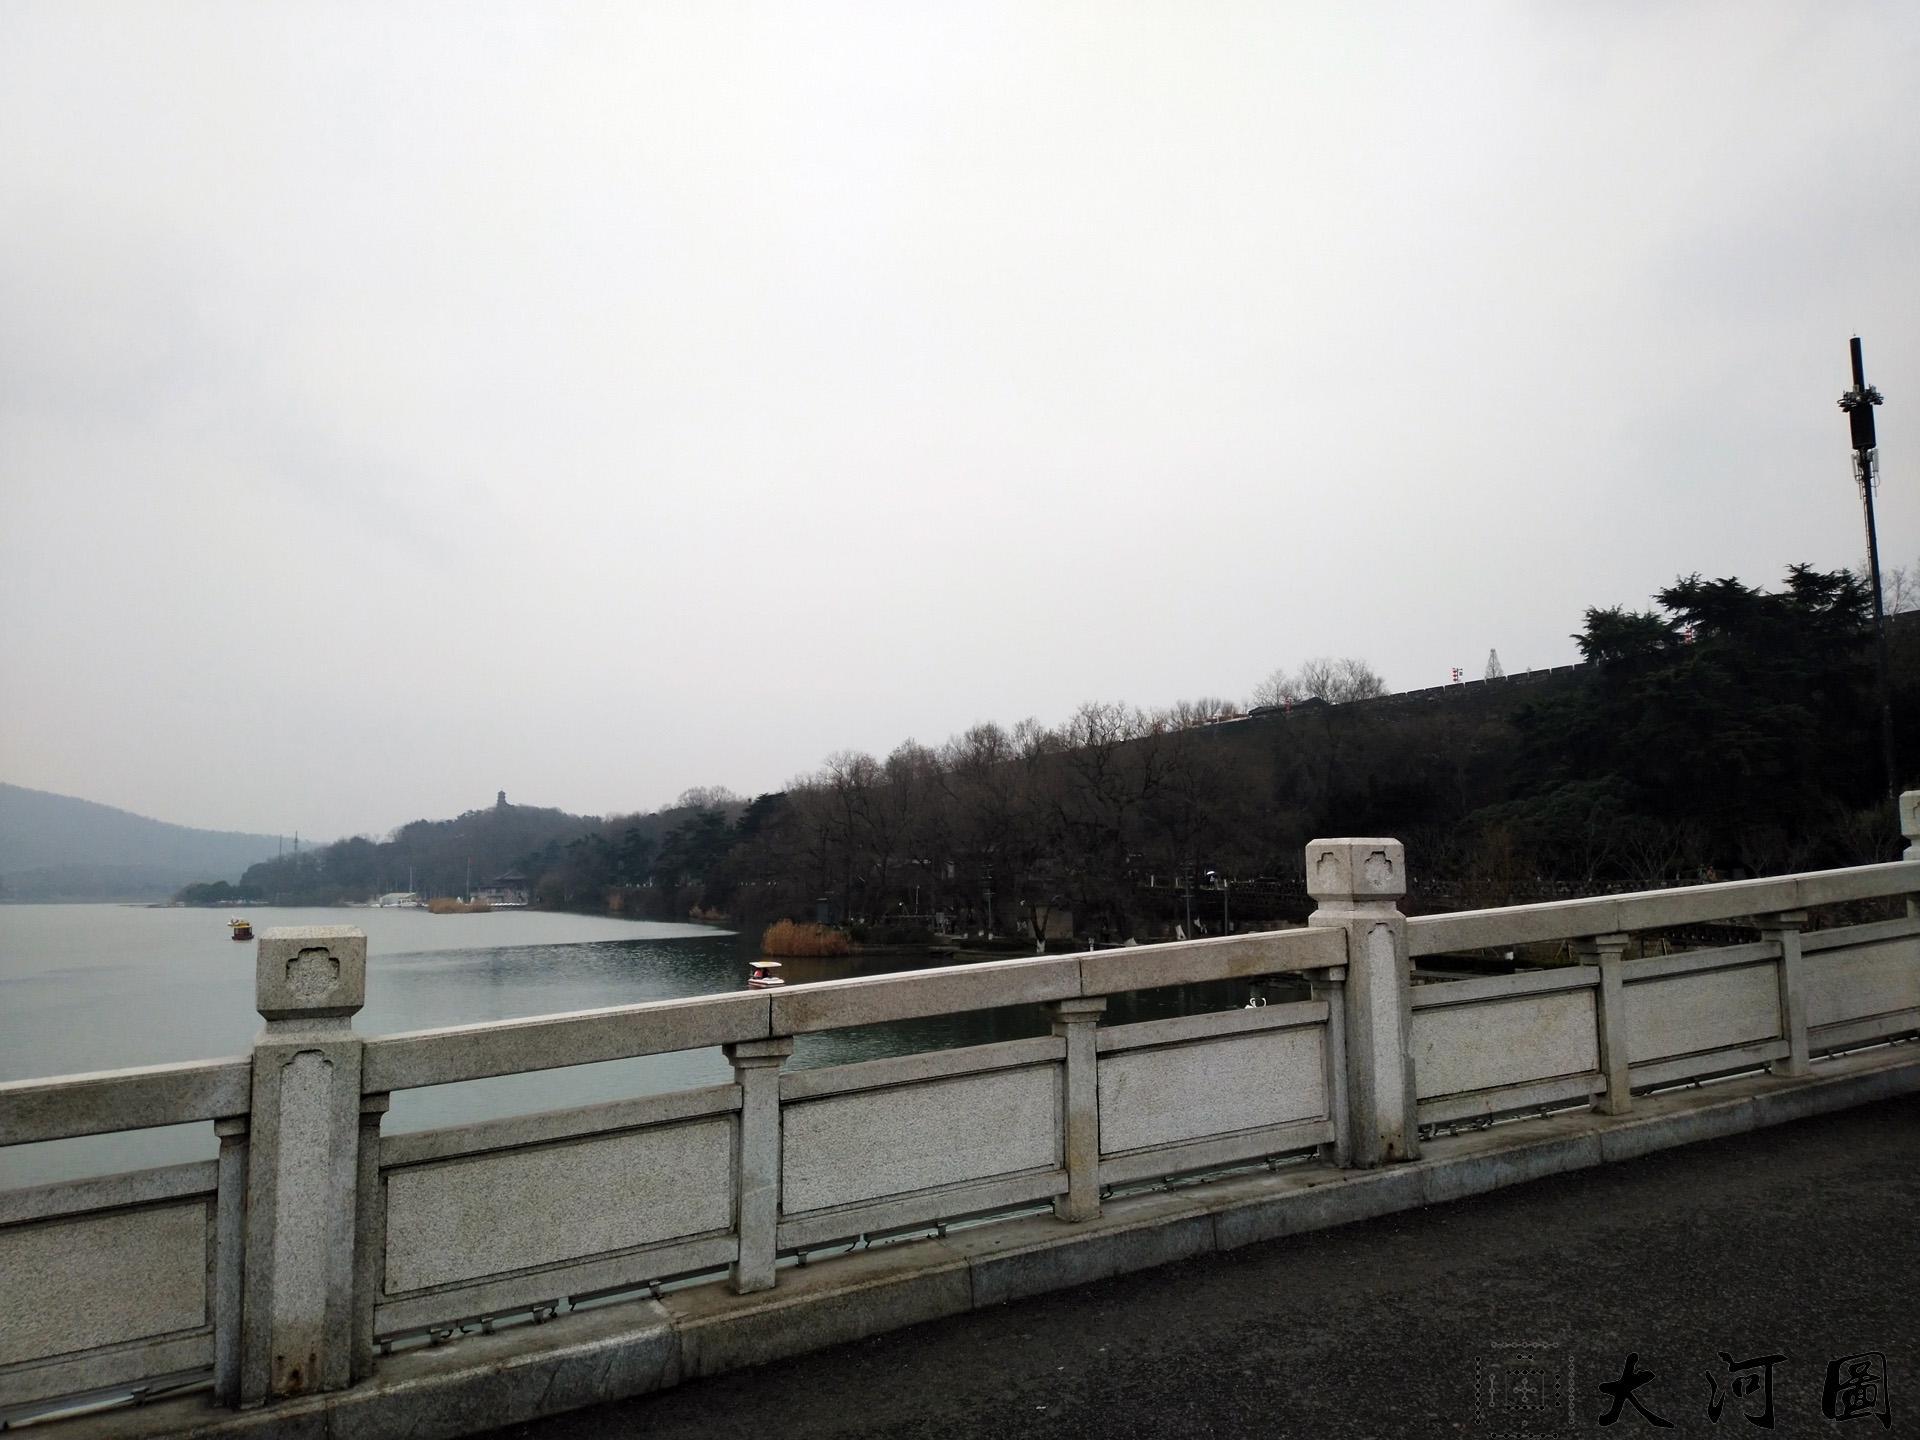 2019年3月的南京玄武湖公园之旅 摄影 第13张